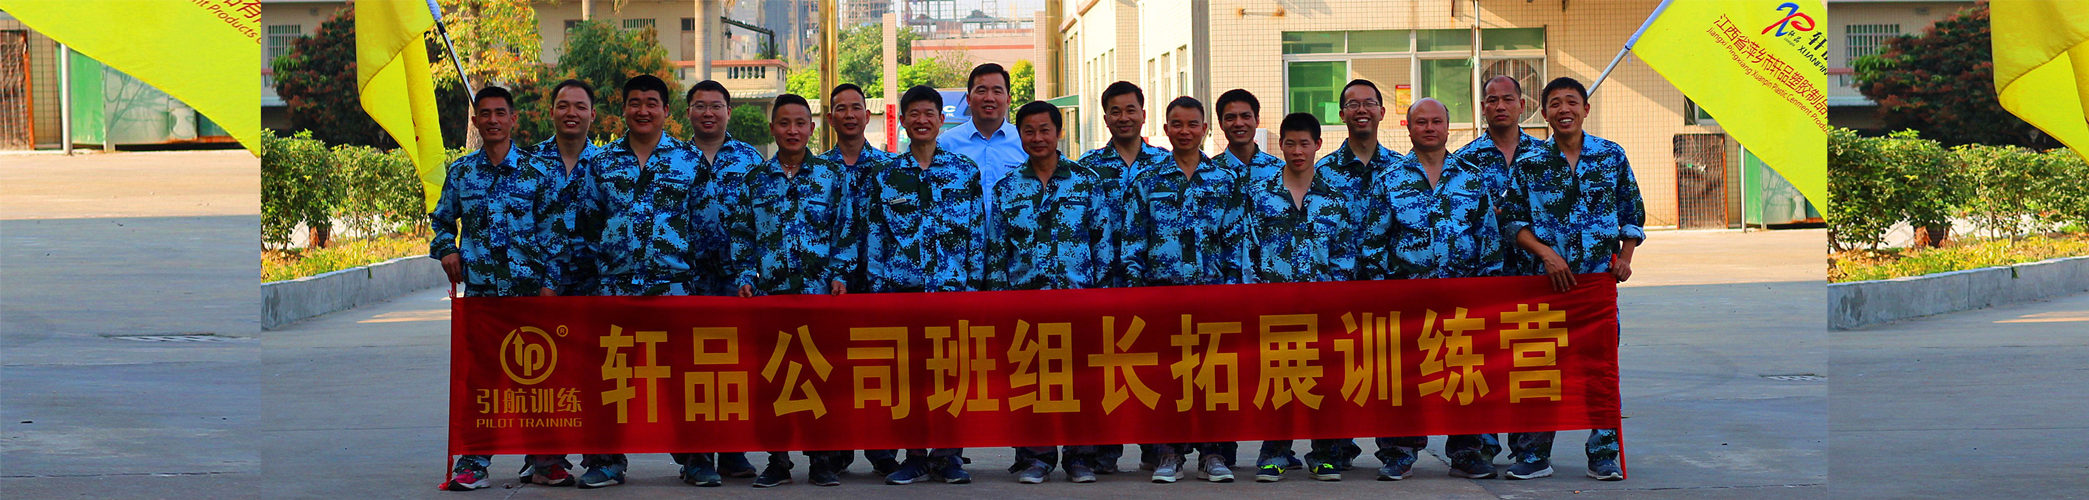 萍乡市阳光志愿者协会2017年度表彰大会